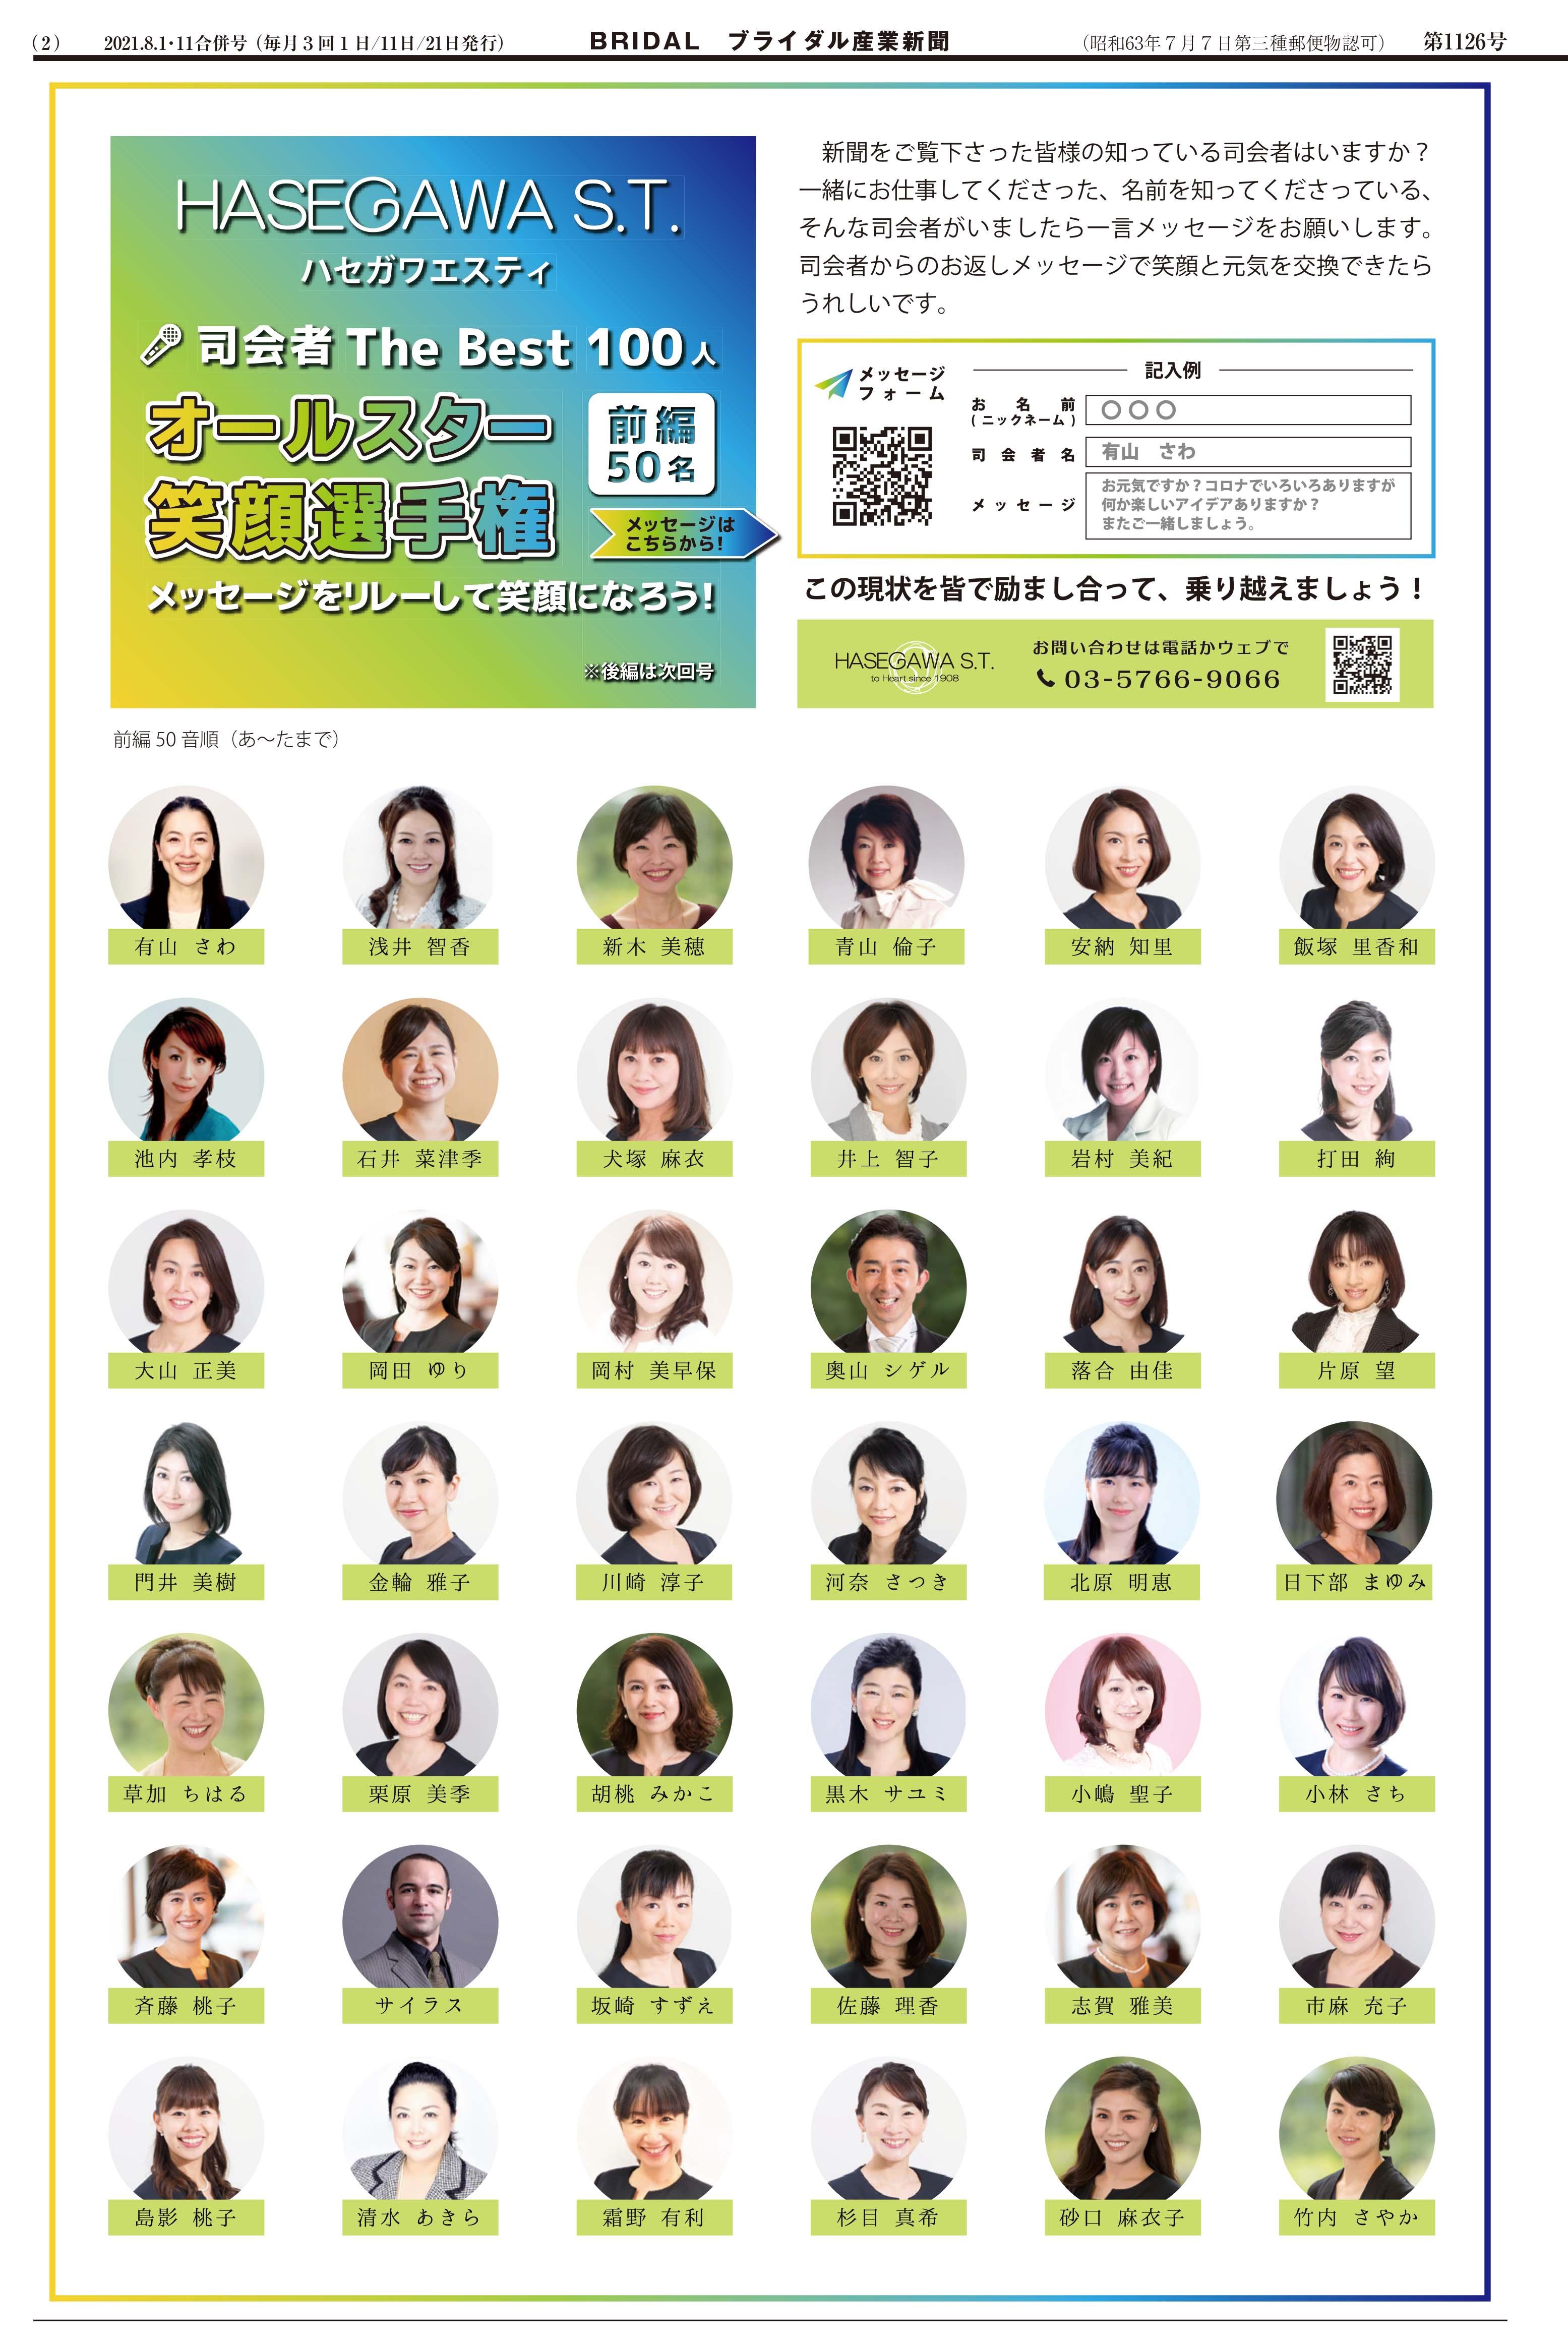 AD_ハセガワエスティ-1 (2).jpg